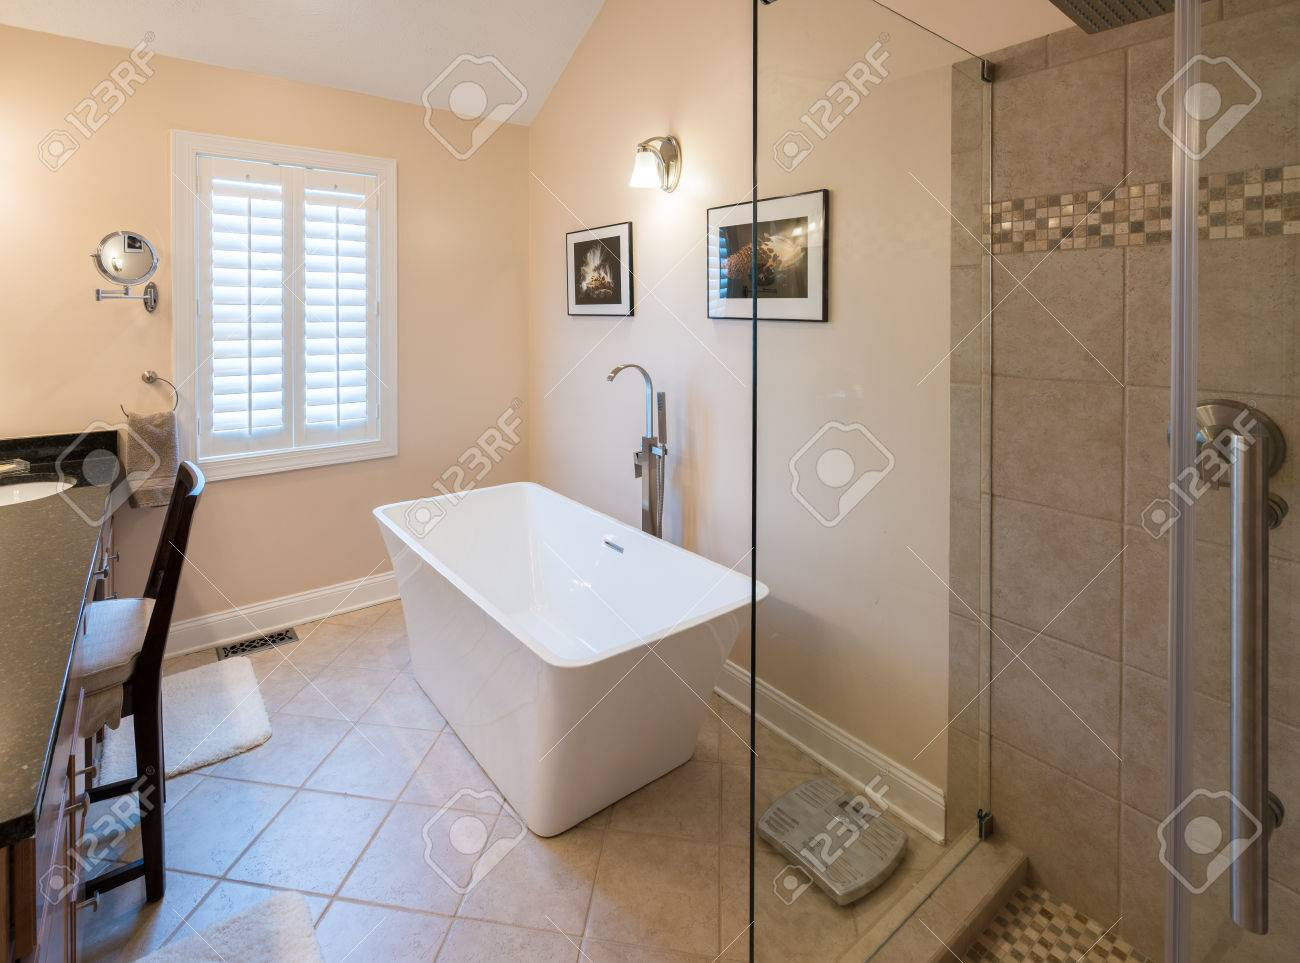 Intérieur De Salle De Bains Moderne Avec Baignoire Baignoire - Salle de bain moderne avec baignoire